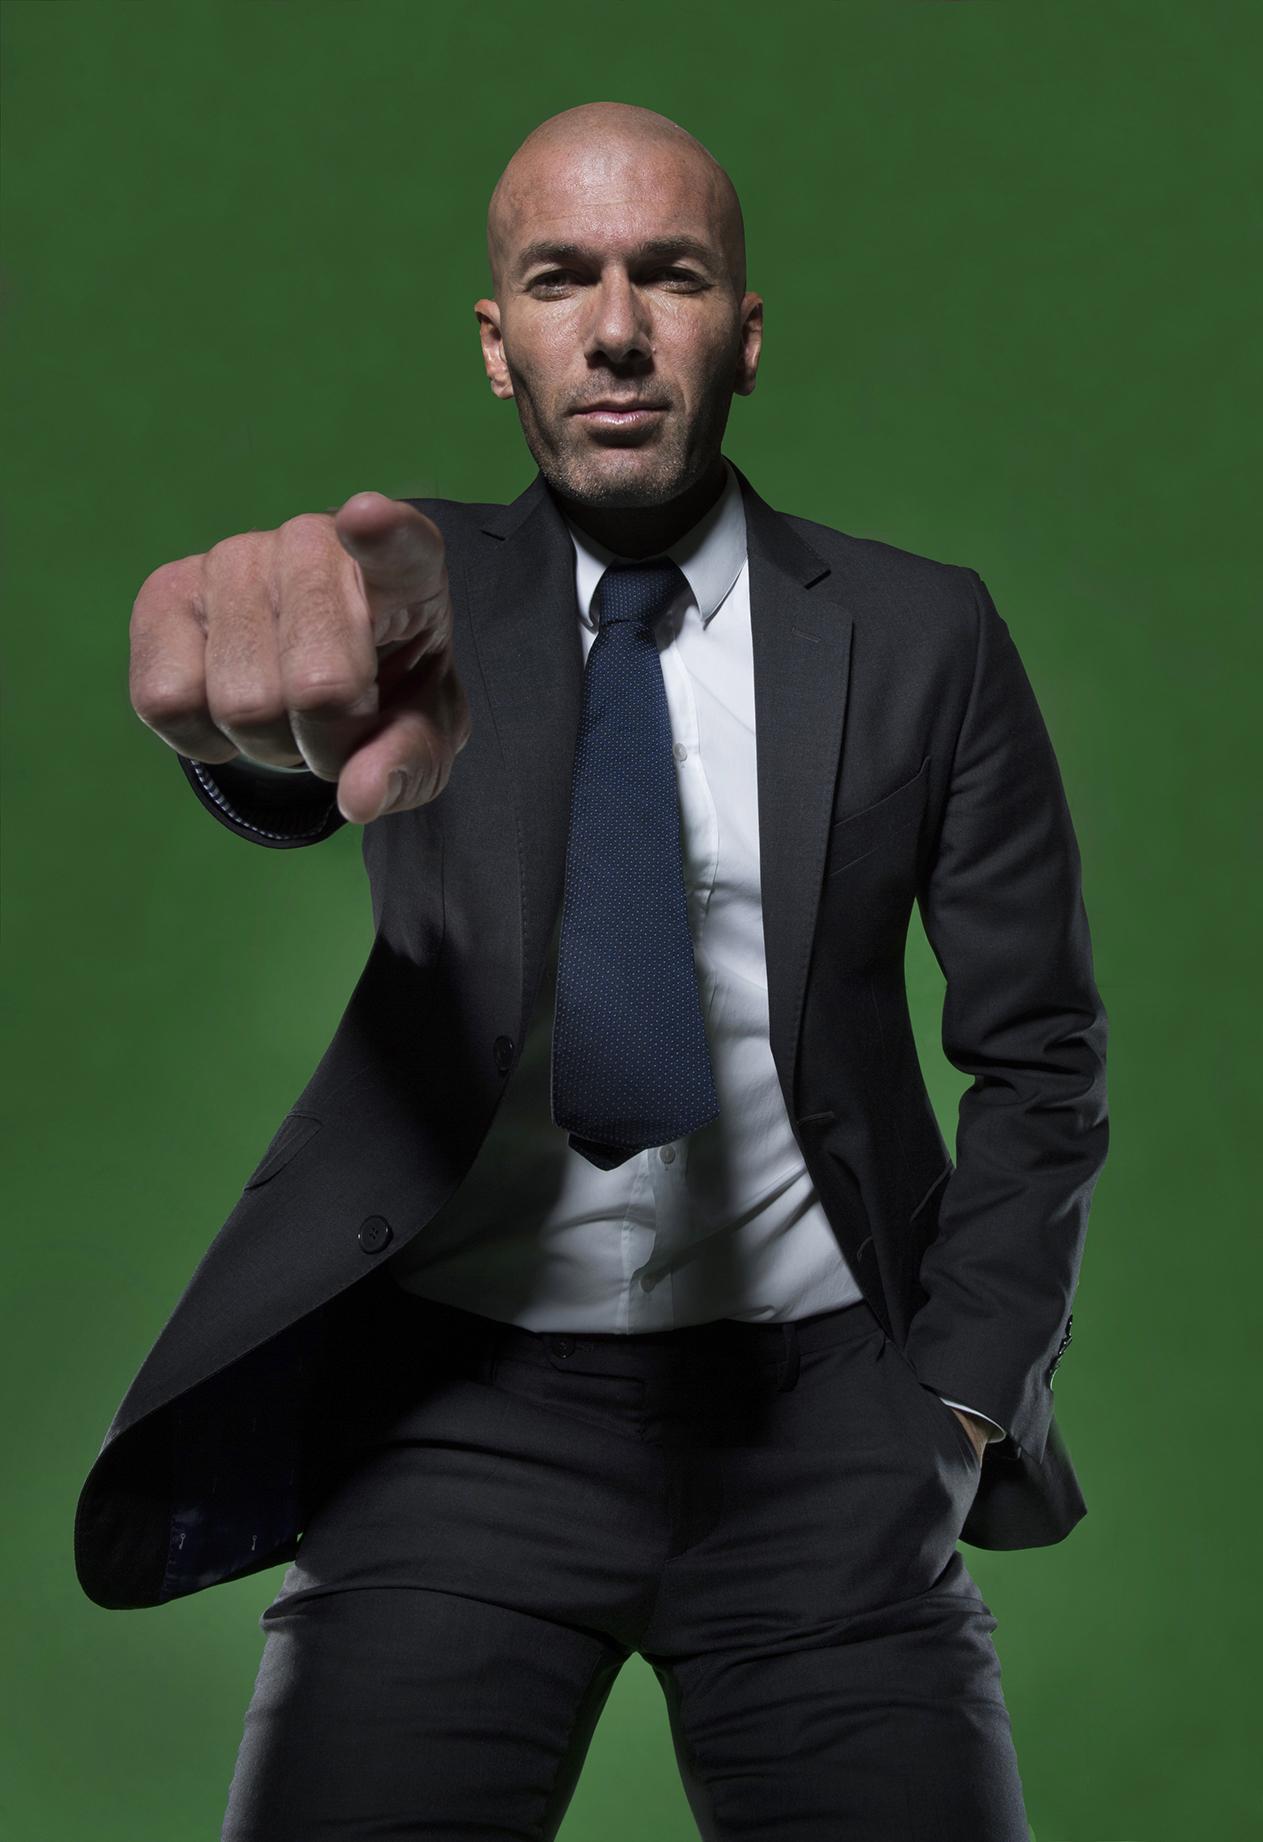 Zinedine Zidane for Adidas